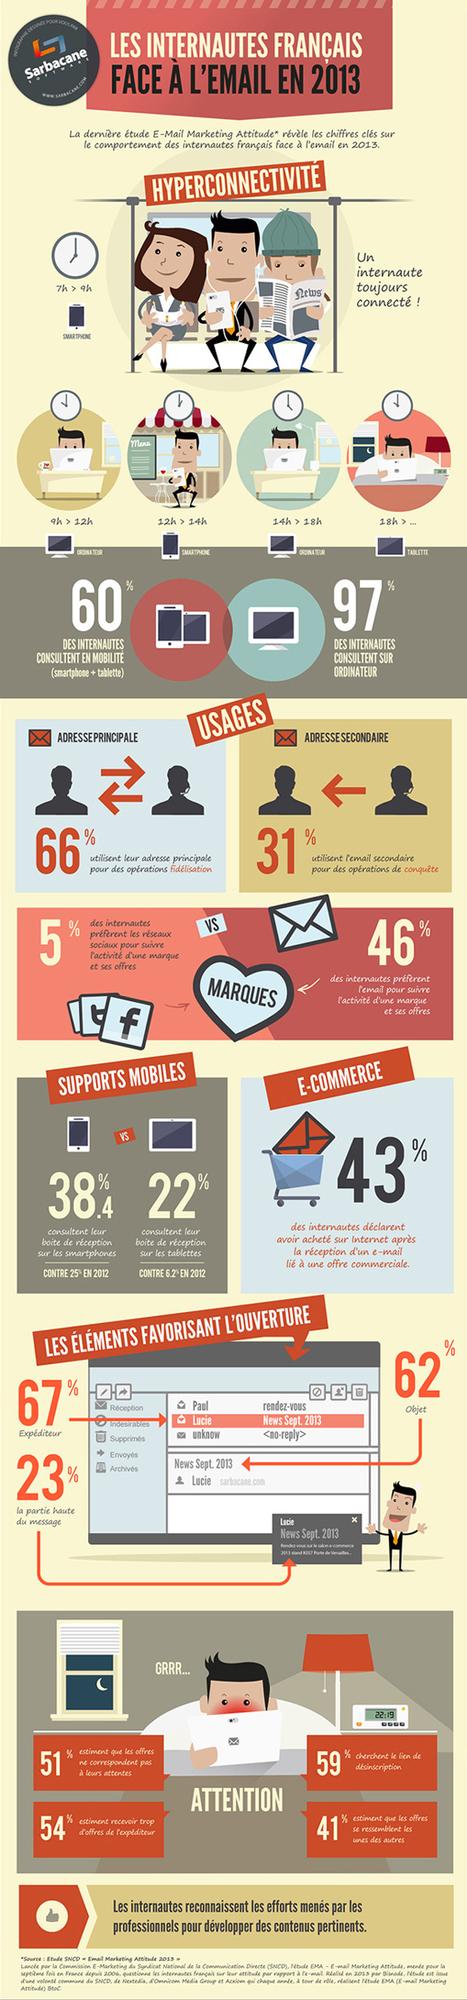 [Infographie] Les statistiques des E-mail Marketing en france en 2013 | INFOGRAPHIES | Scoop.it